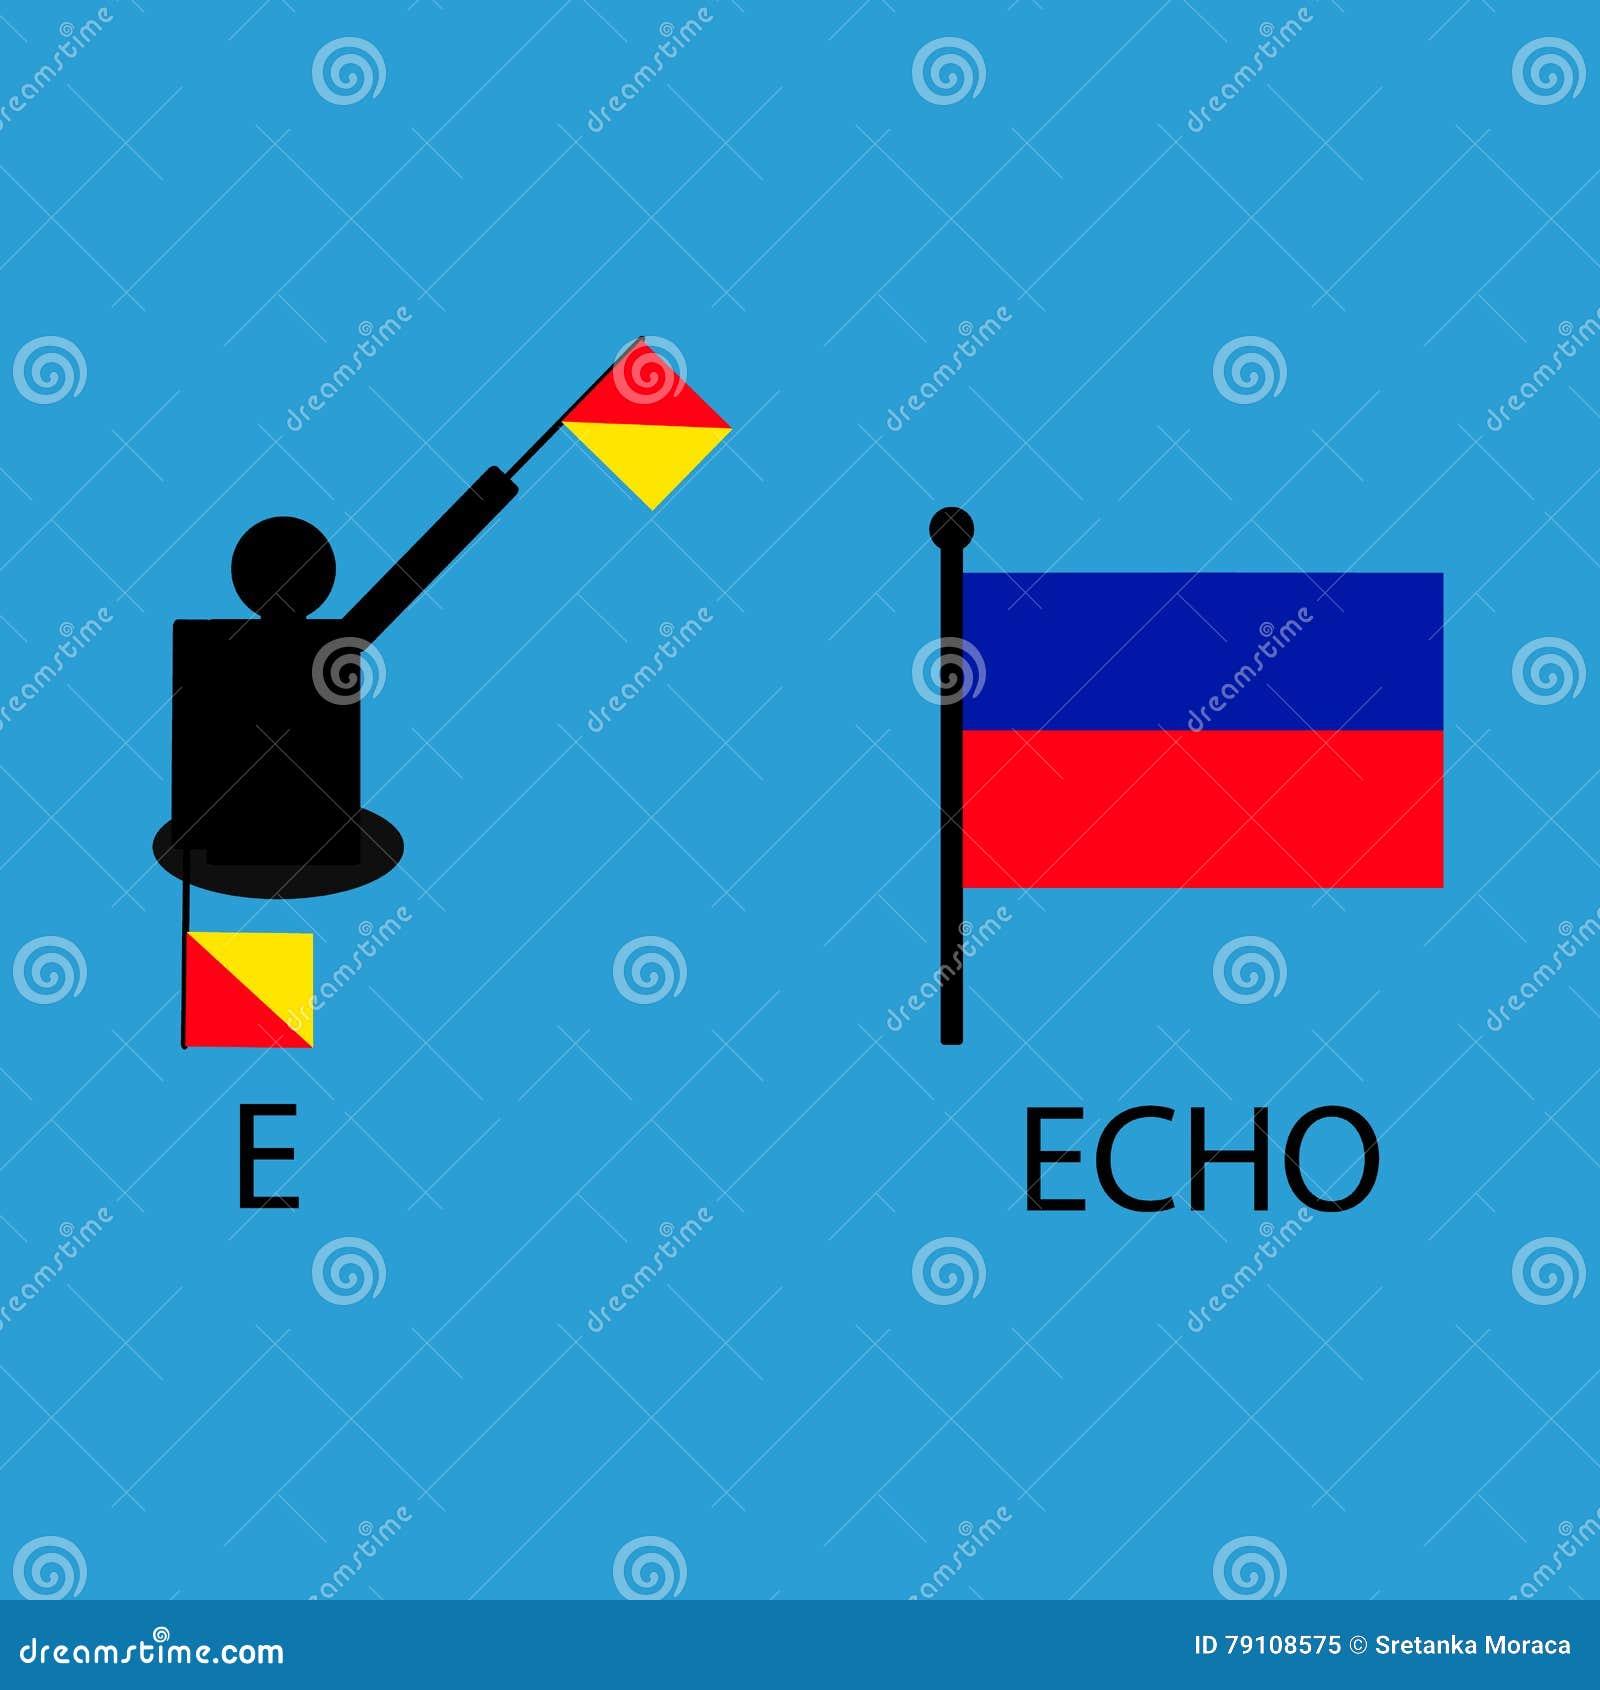 Διεθνής θαλάσσια σημαία σημάτων, αλφάβητο θάλασσας, διανυσματική απεικόνιση, σηματοφόρος, επικοινωνία, ηχώ